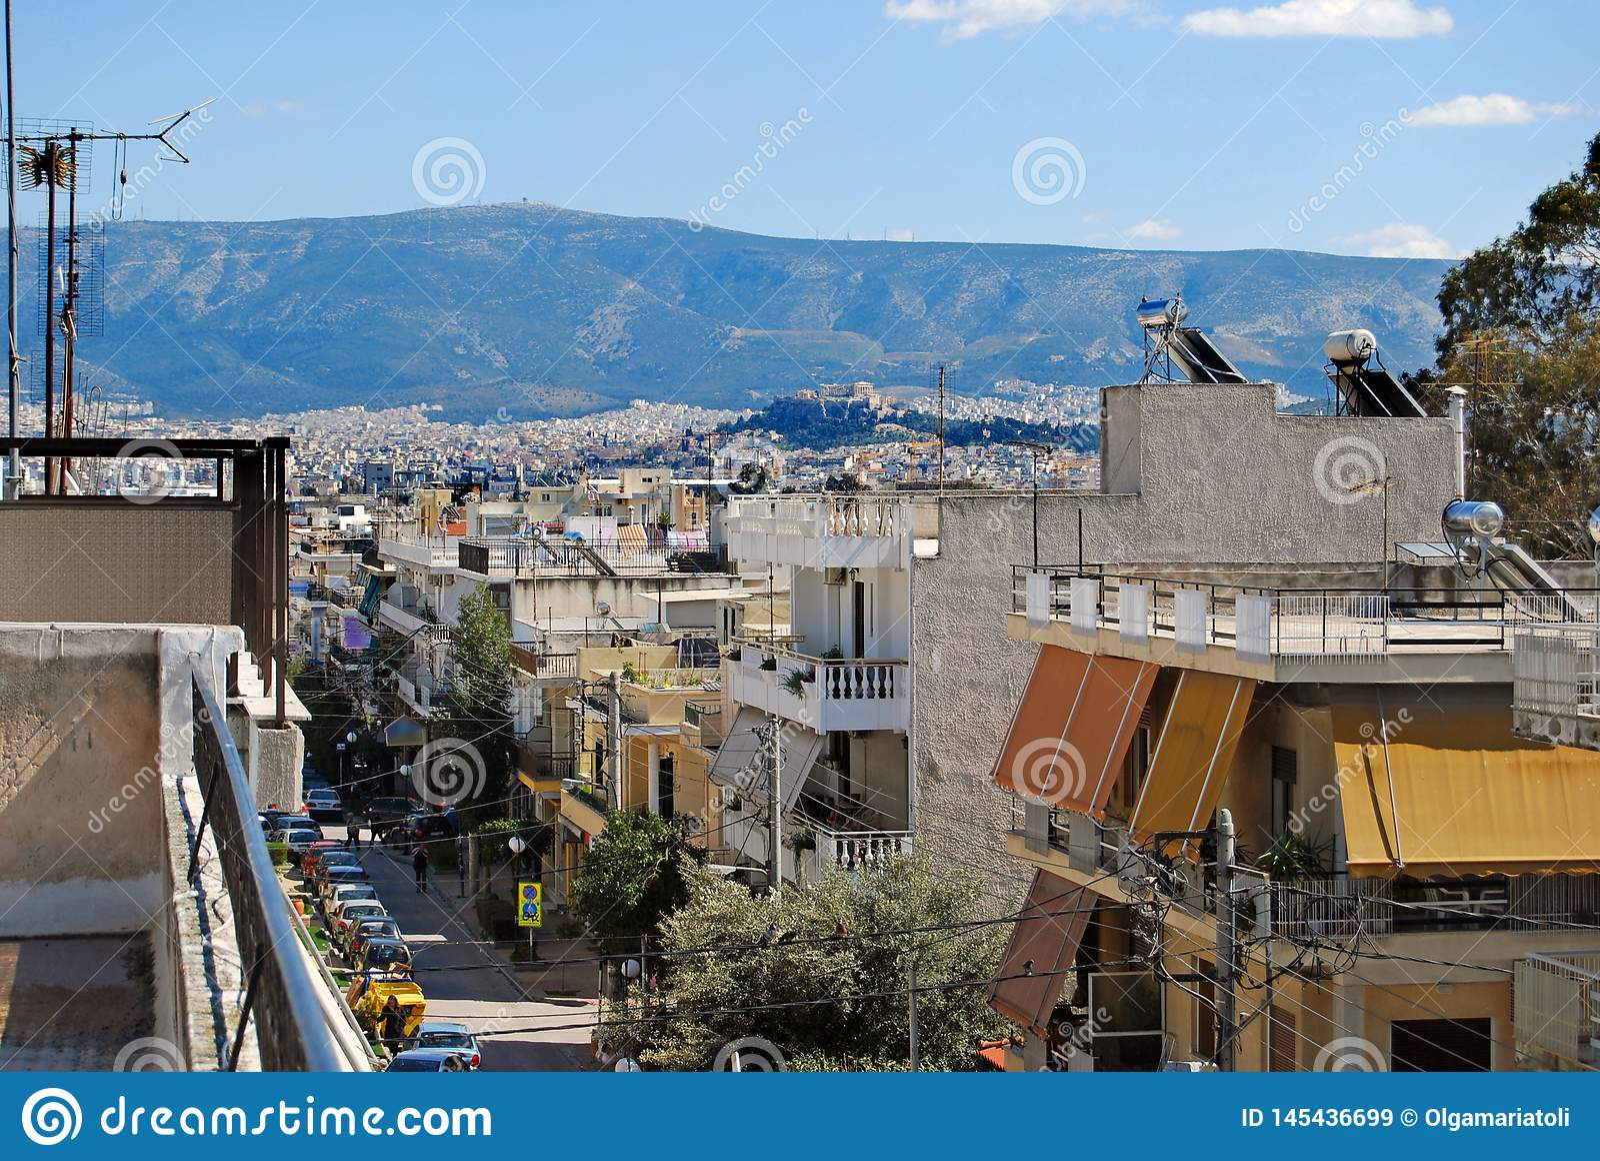 Dachspitze mit einer Ansicht